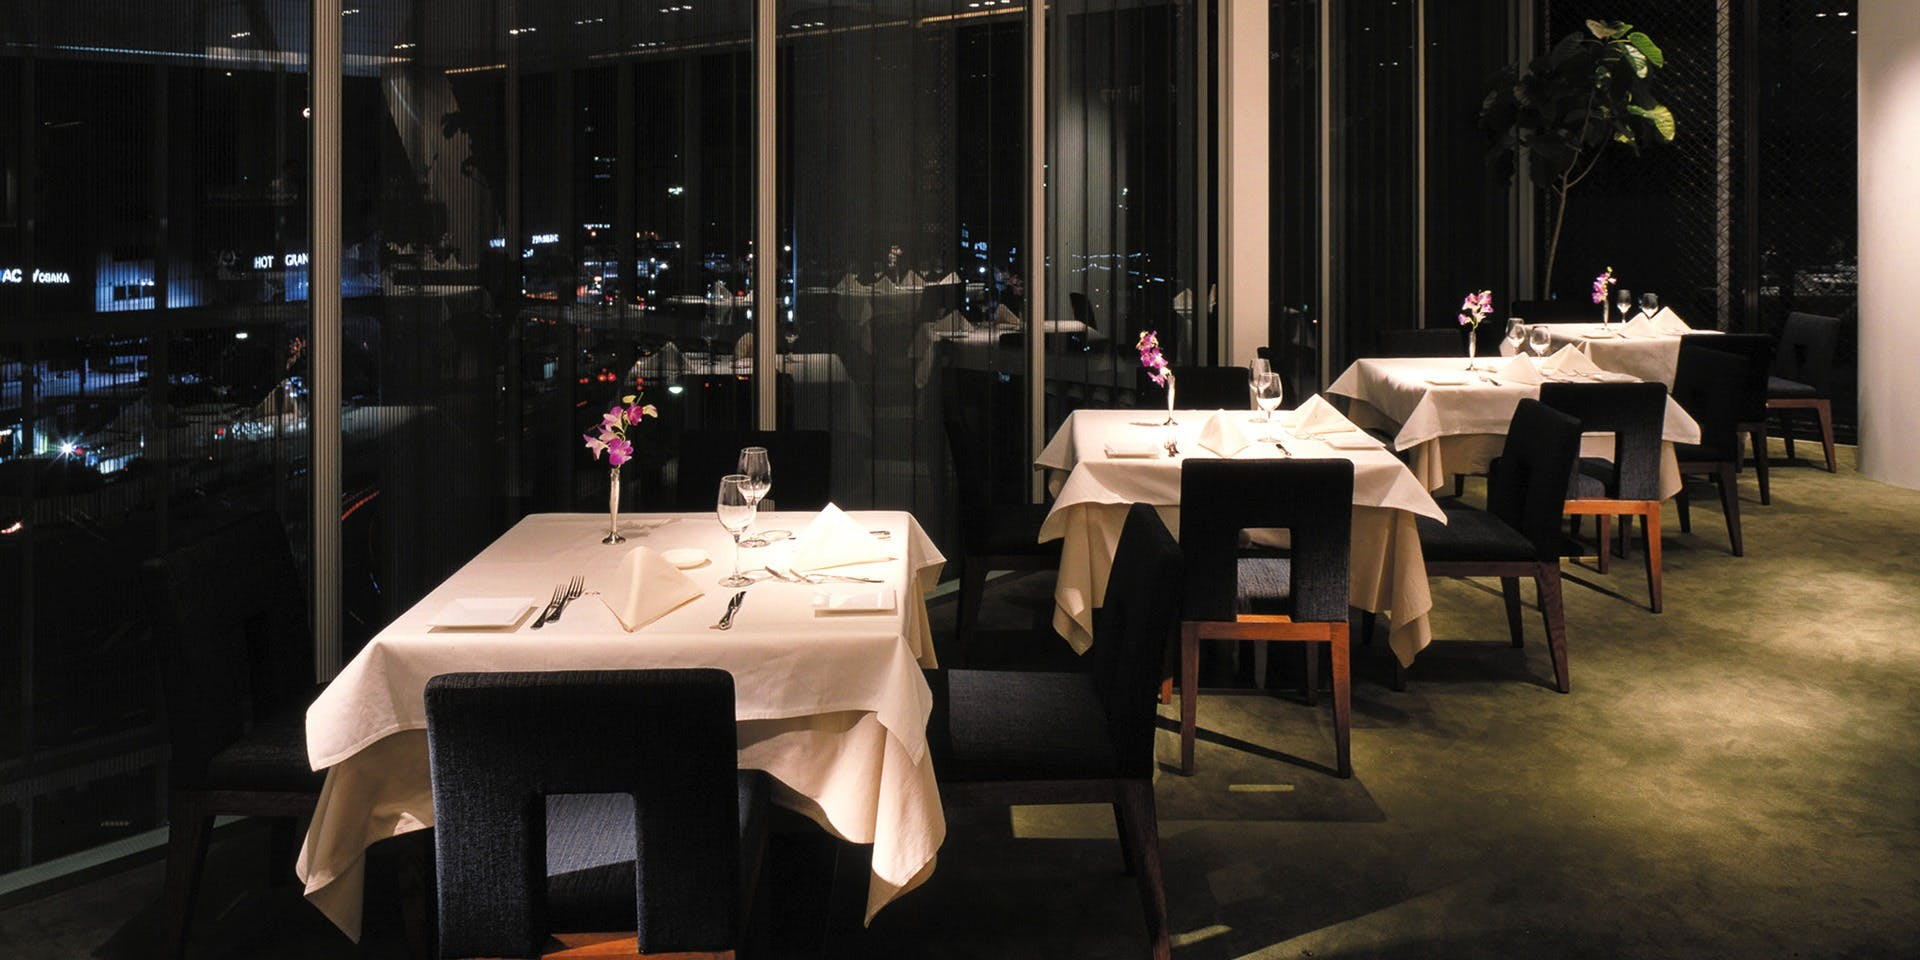 記念日におすすめのレストラン・イルピノーロ 梅田の写真1